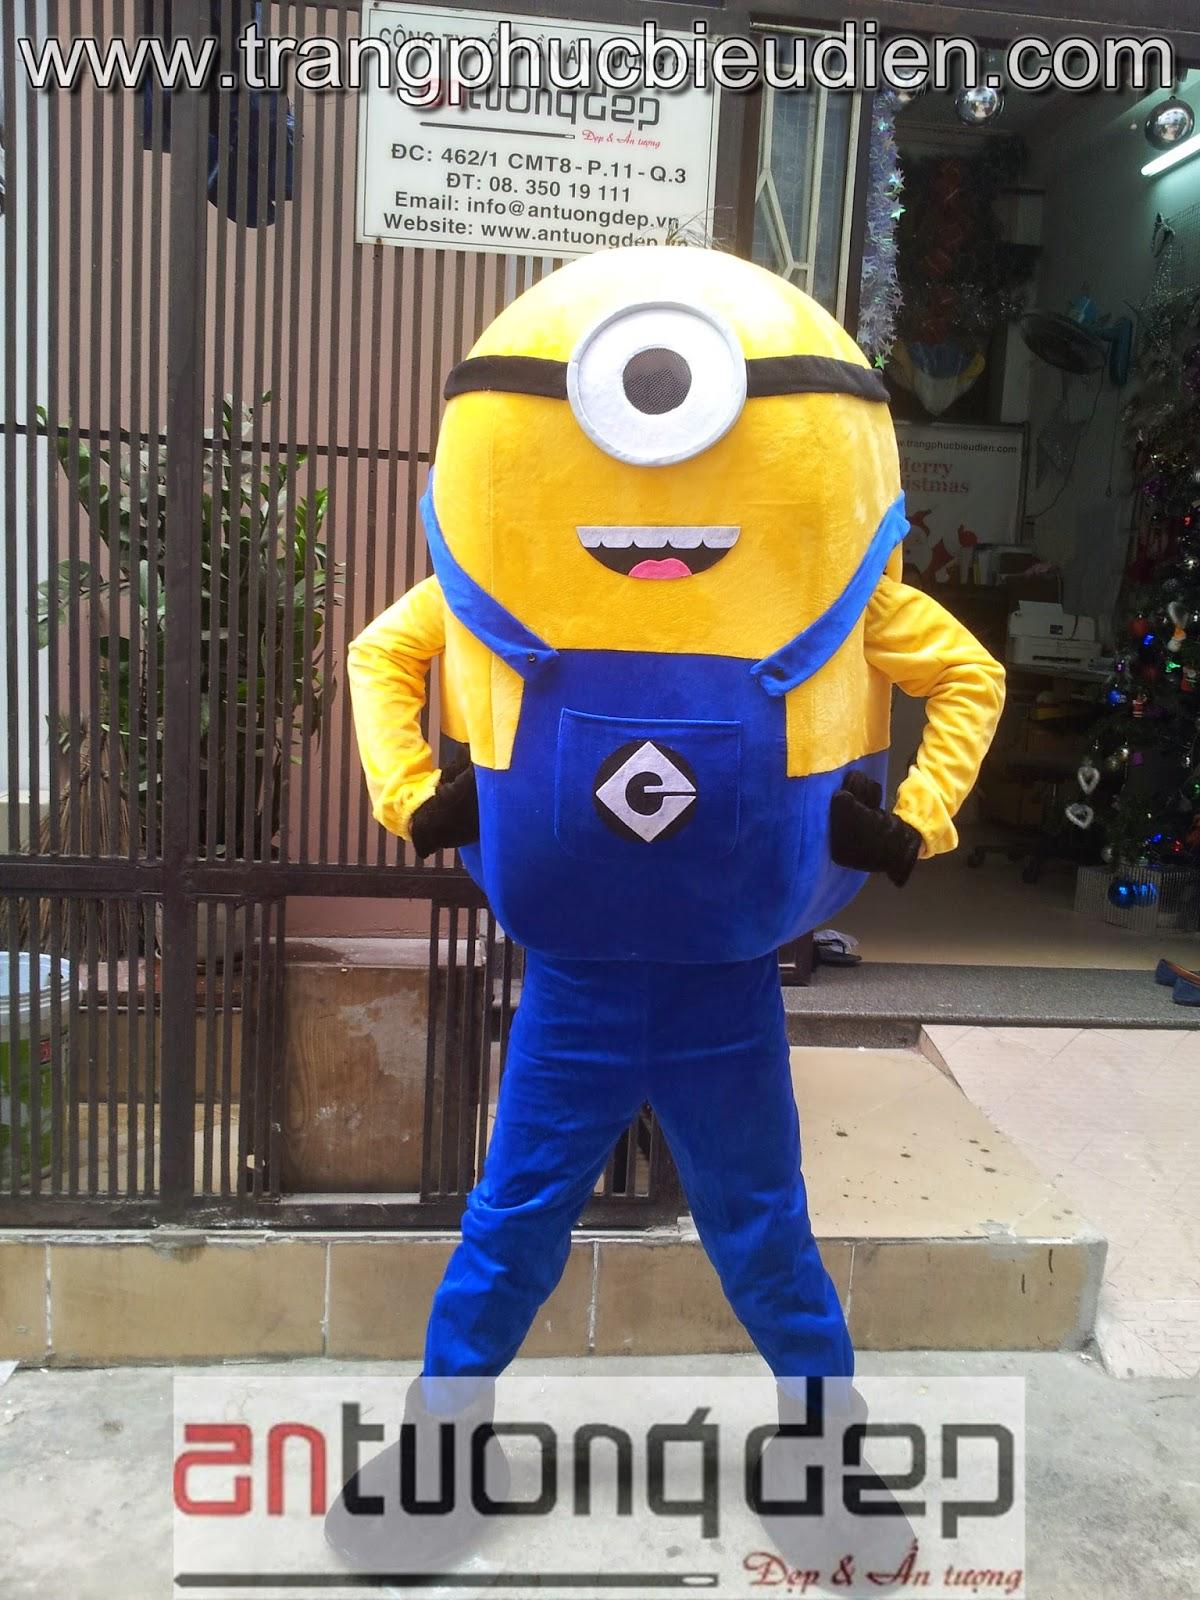 bán thuê mascot giá rẻ